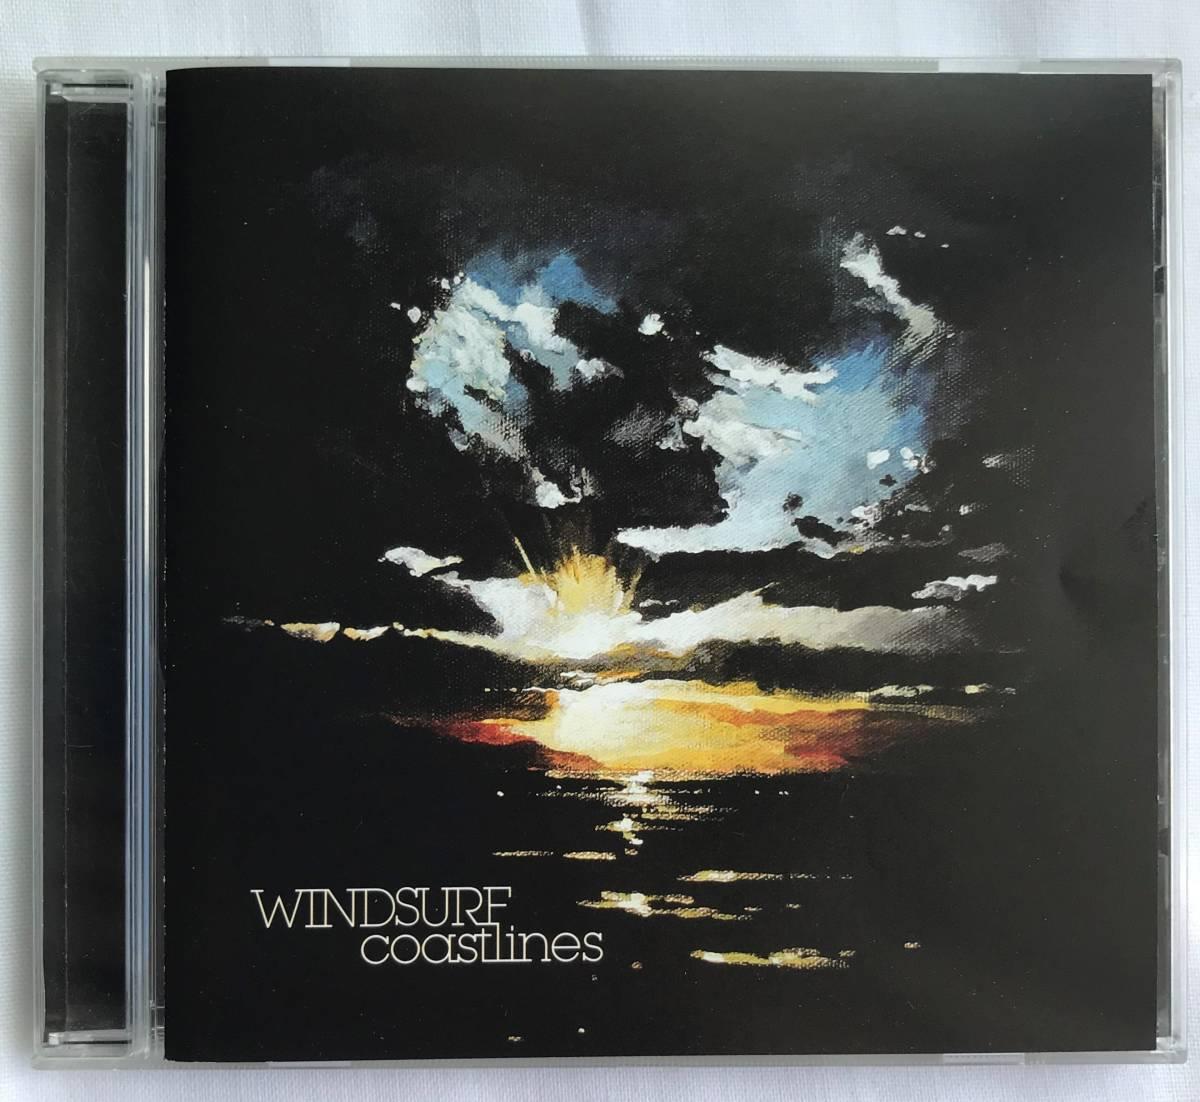 廃盤CD/ WINDSURF Coastlines NuDisco ニューディスコ バレアリック cocolo kocoムロ セオパリッシュ DJハーヴィー瀧見憲司